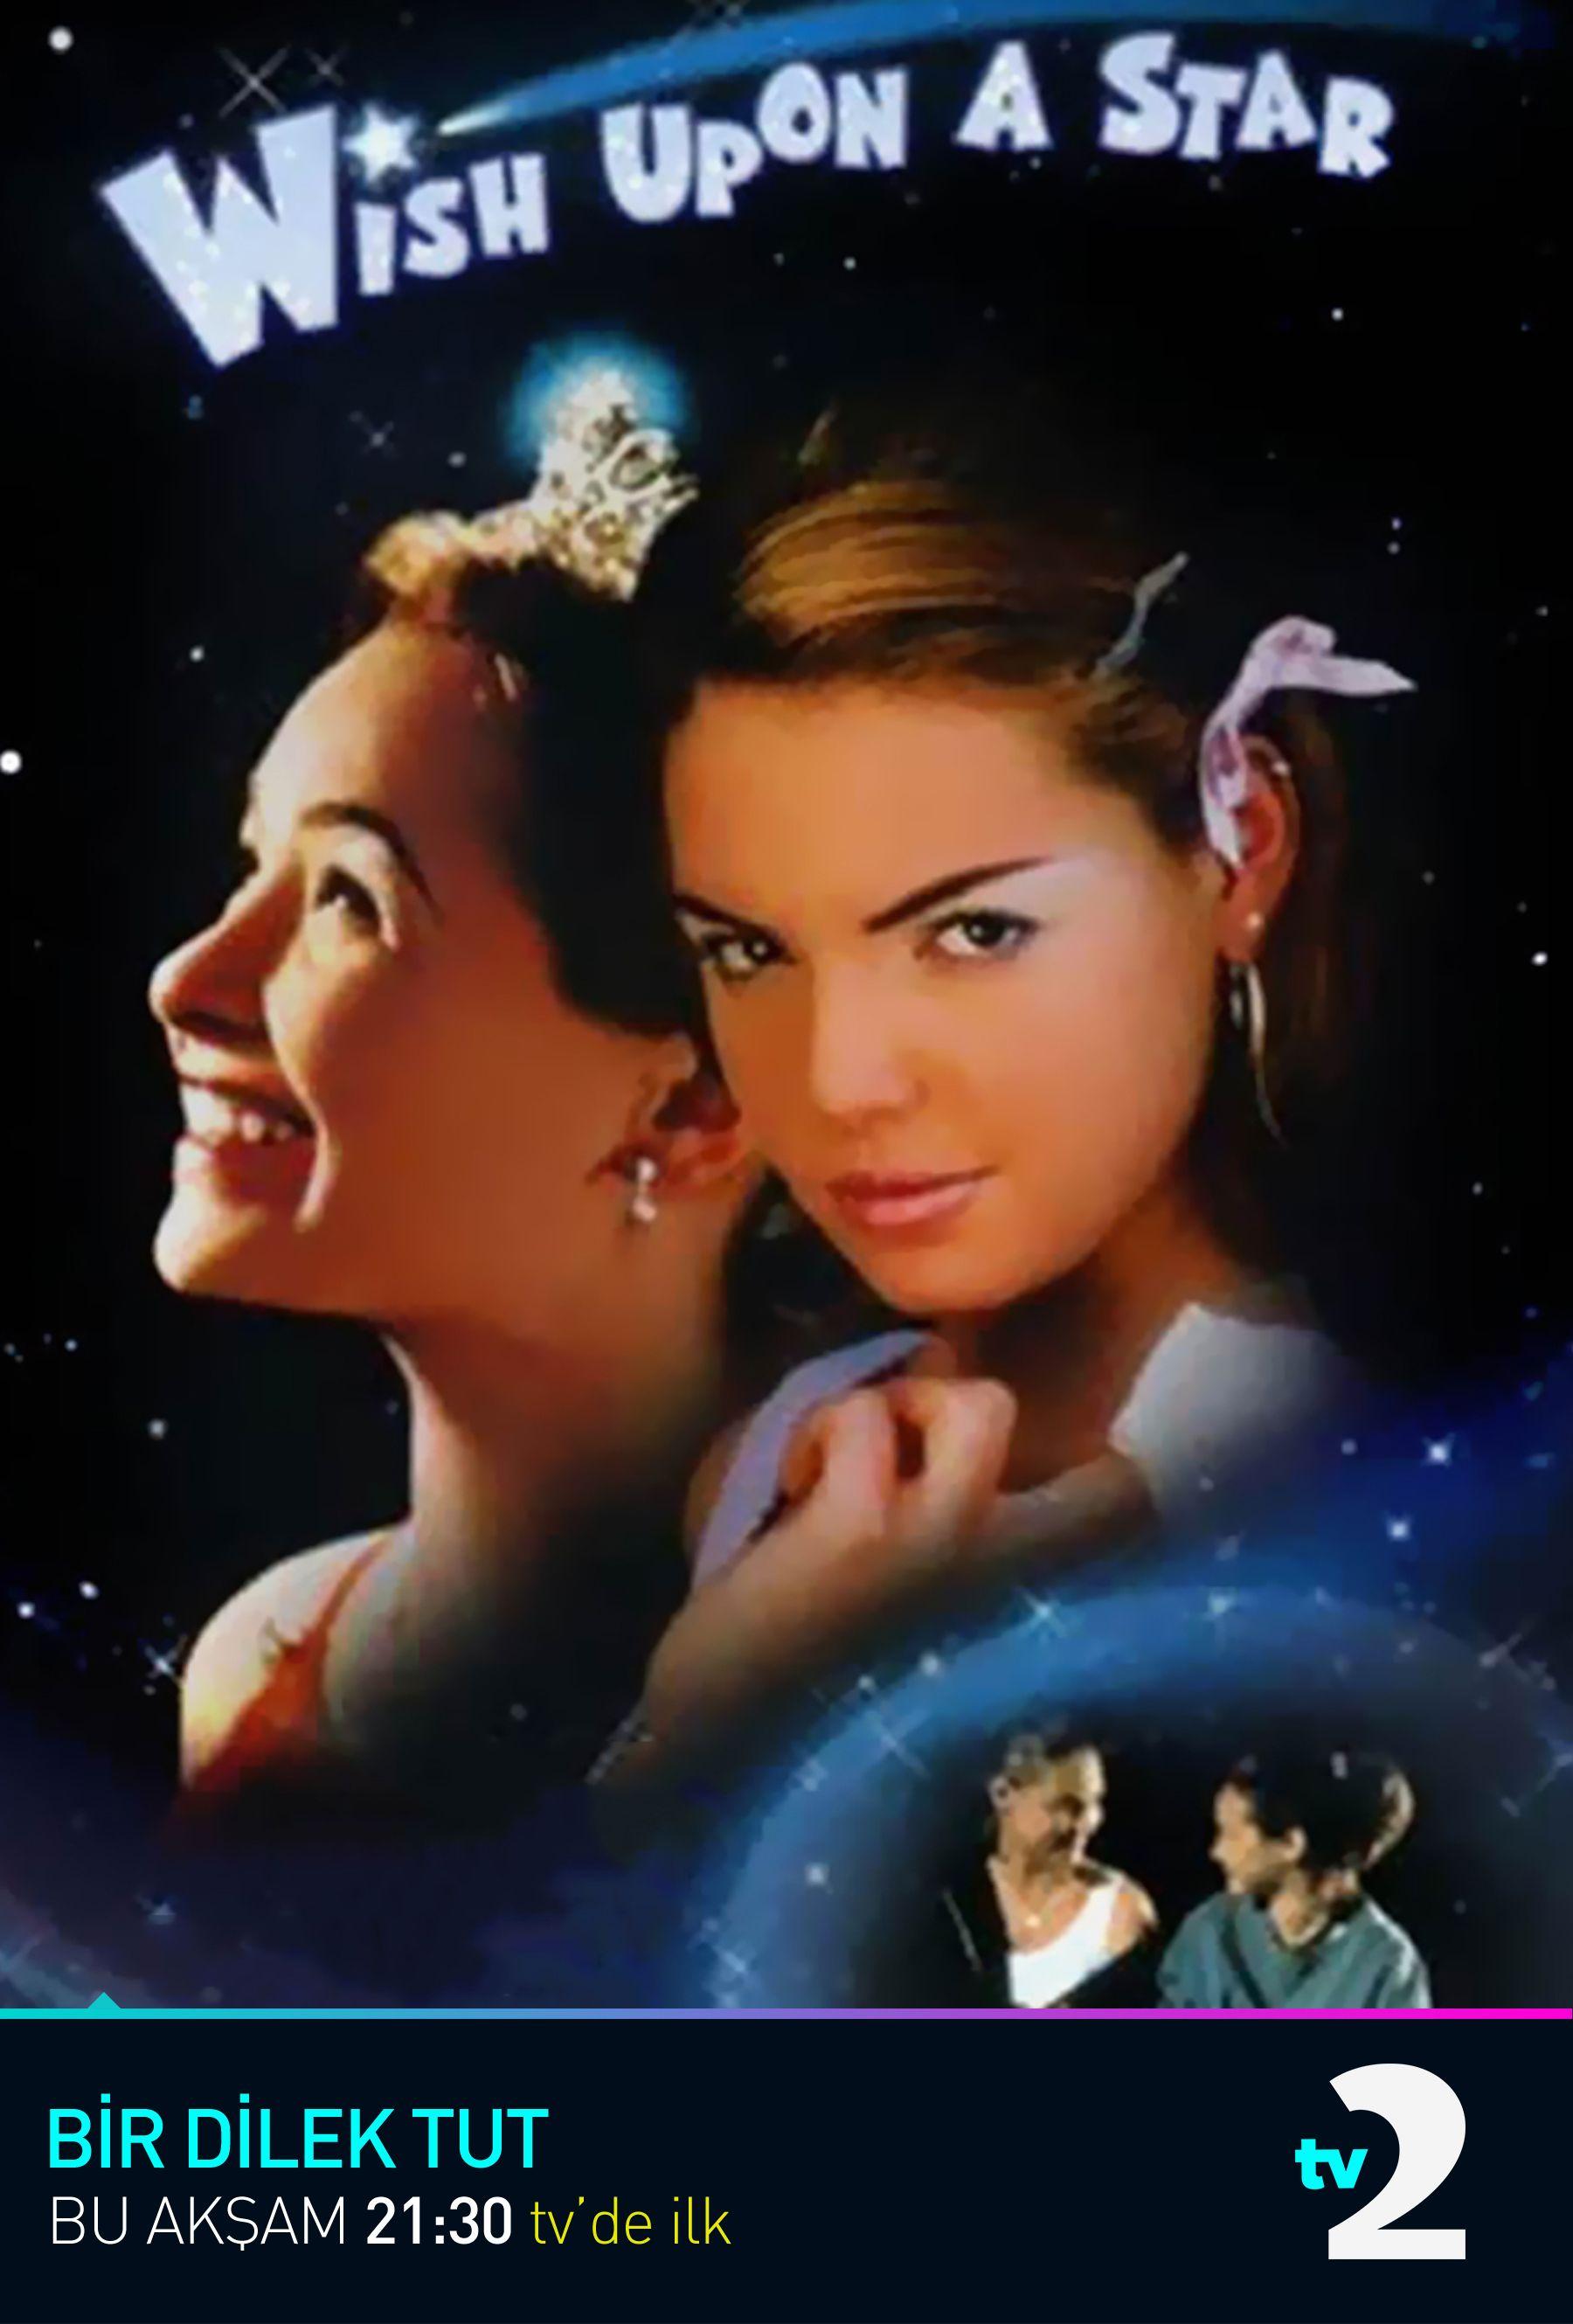 Bir Dilek Tut (Wish Upon a Star) Film afişleri, Film ve